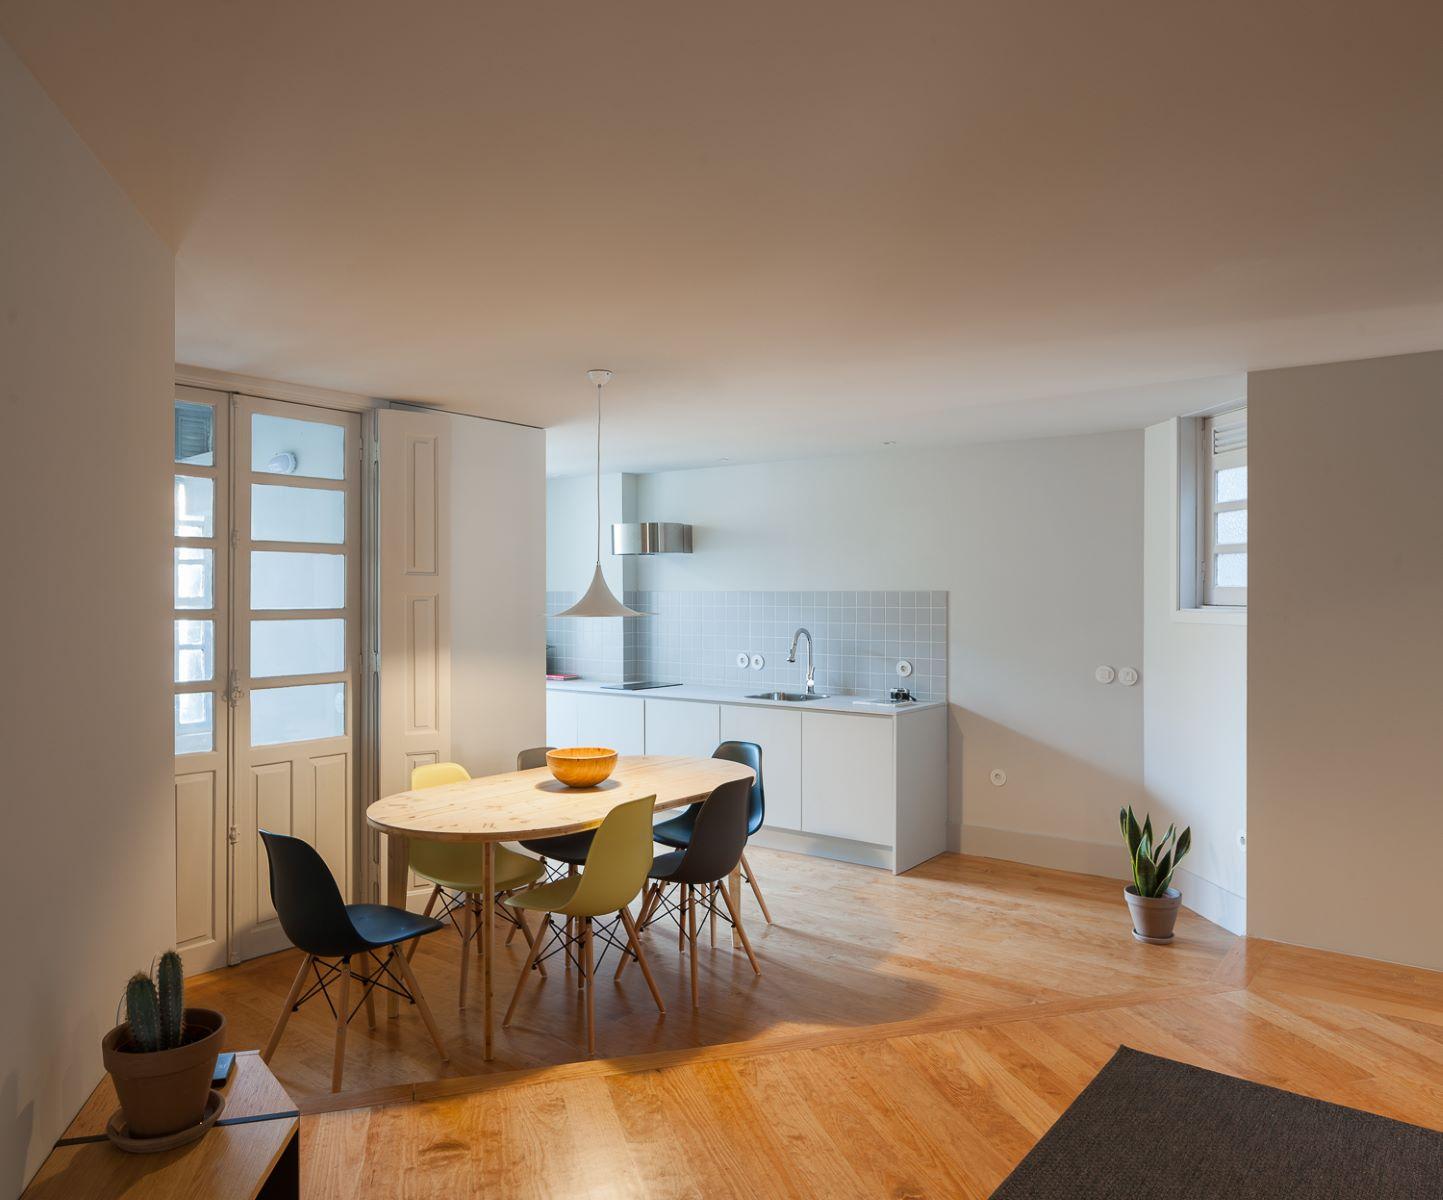 Wohnung 3 Schlafzimmer Verkaufen em Cedofeita, Santo Ildefonso, Sé ...